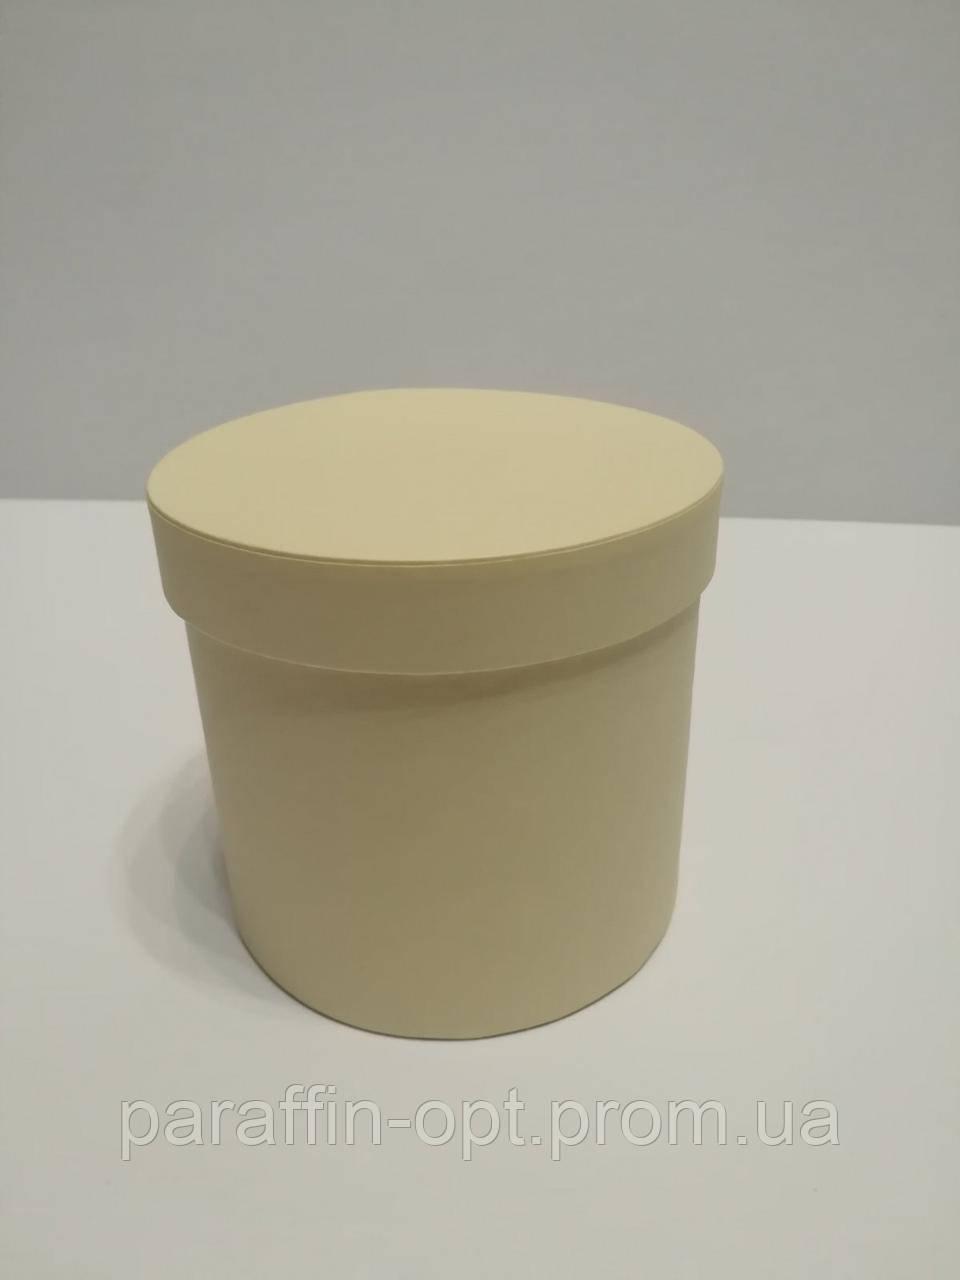 Подарочная коробка в форме шляпы цвет- бледно желтая